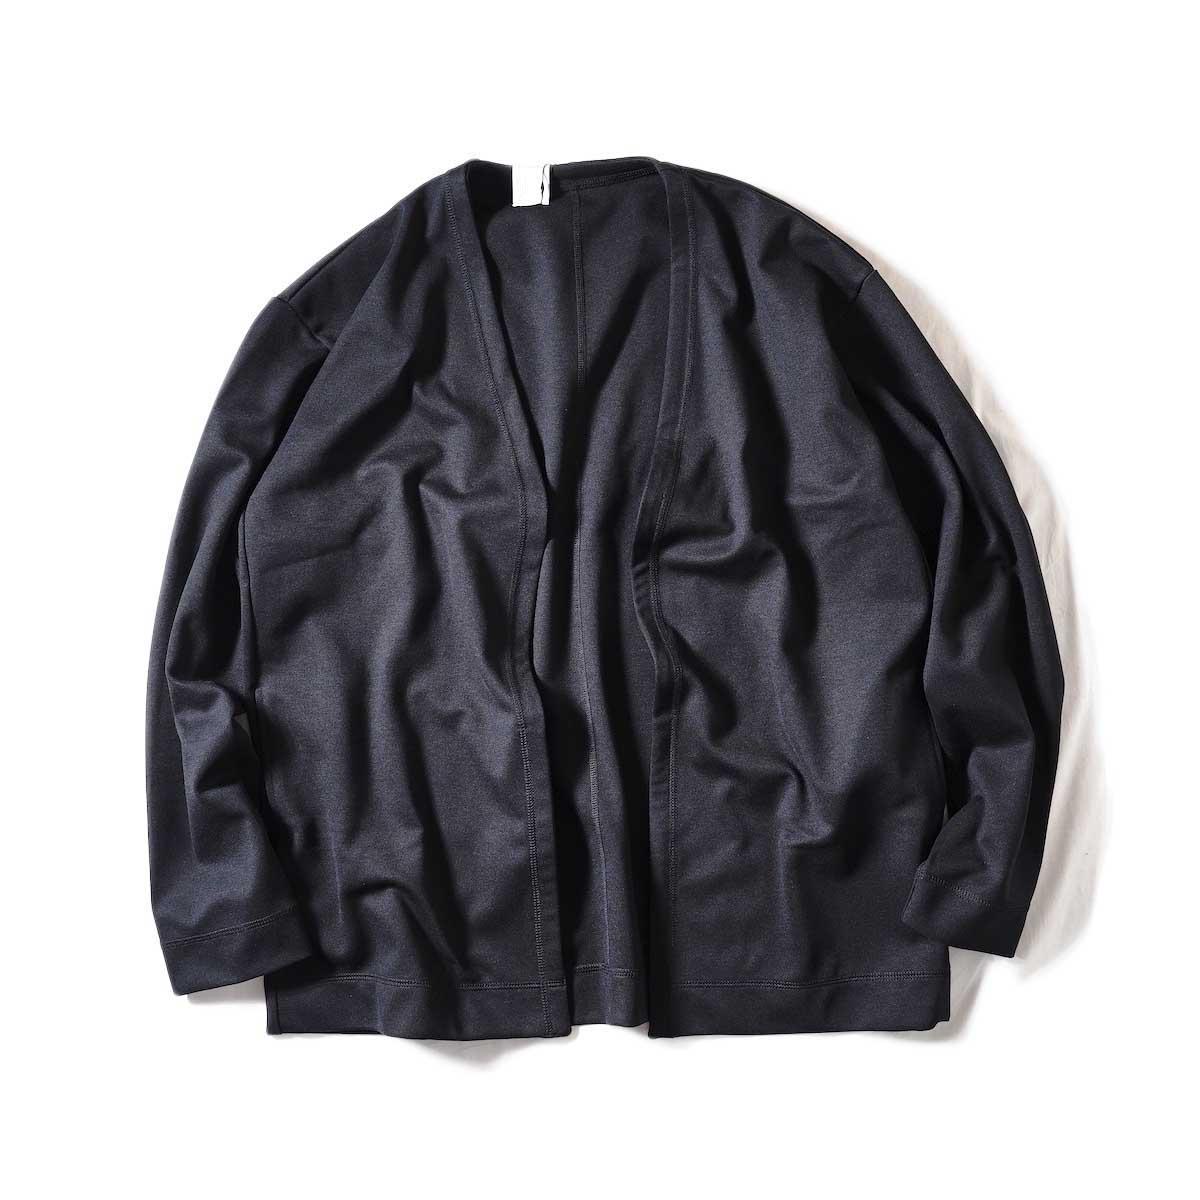 N.HOOLYWOOD / 18RCH-090 SHORT CARDIGAN (Black)